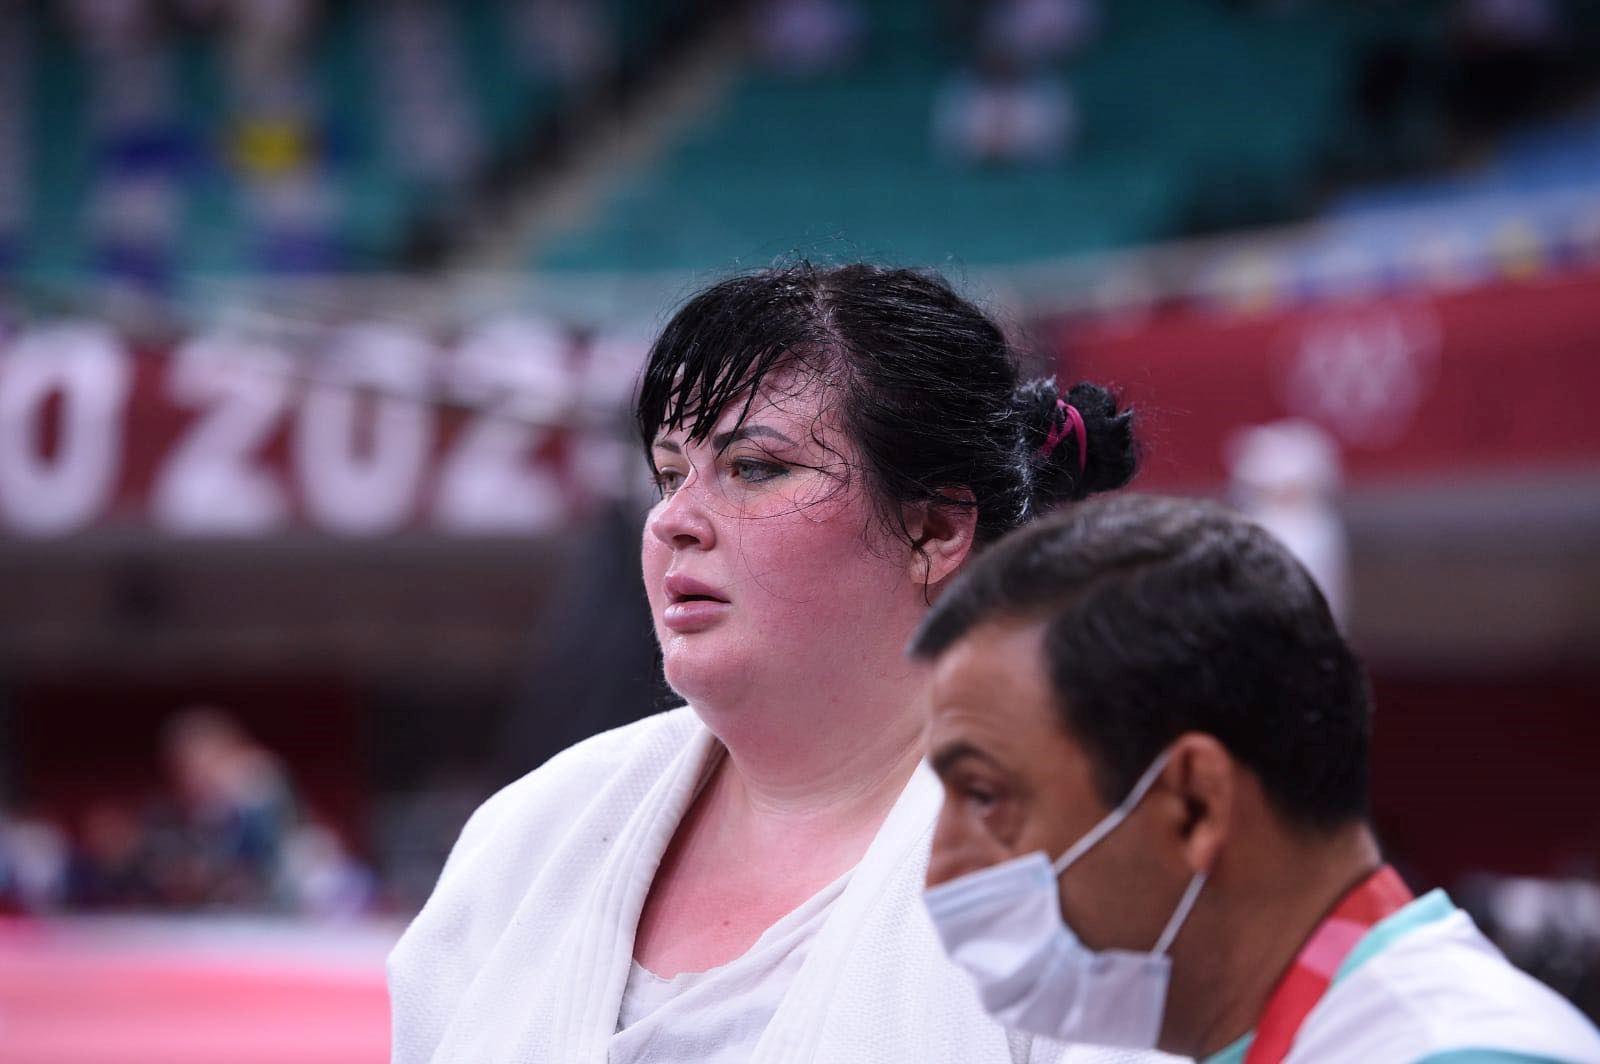 Tokioda Azərbaycana ilk medalı qazandıran Kindzerska kimdir?